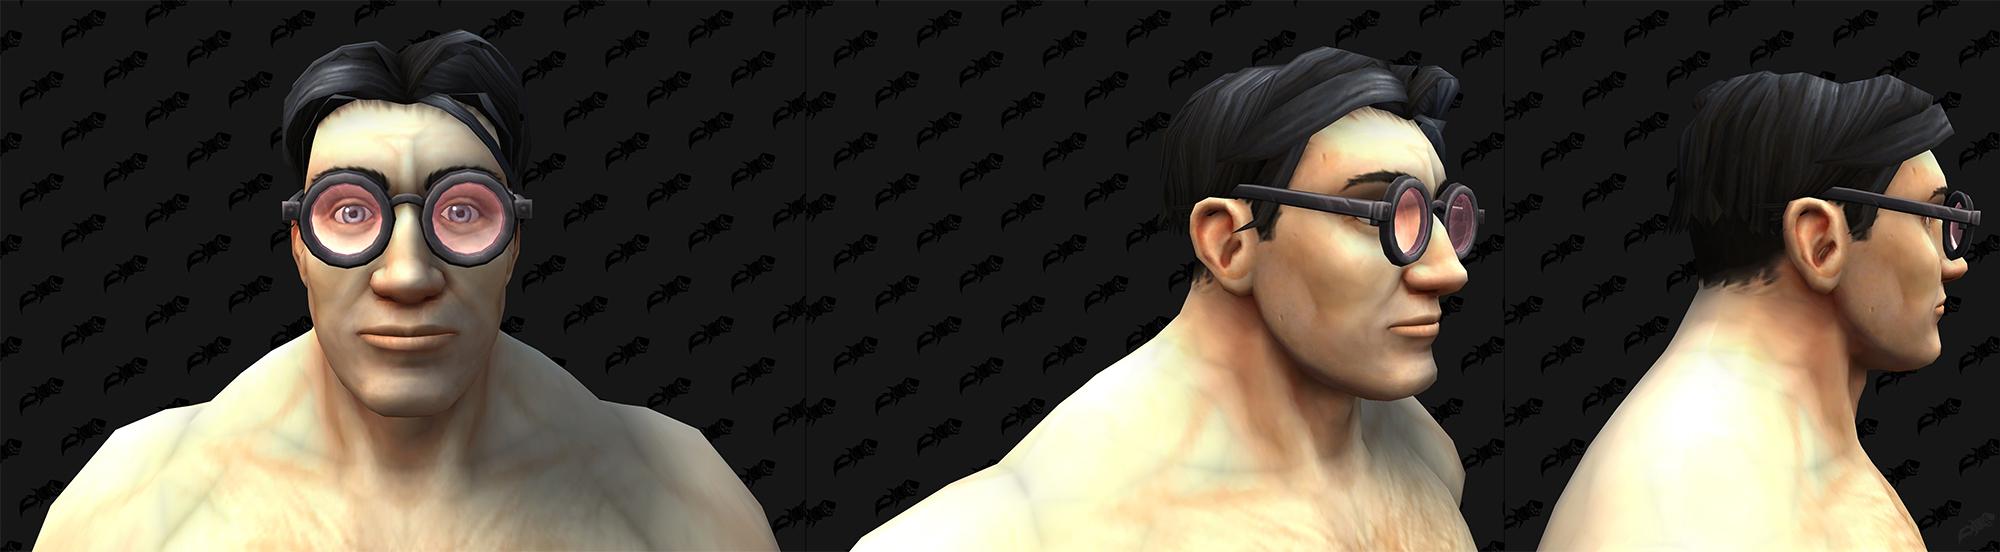 6 paires de lunettes ont été ajoutées aux fichiers du patch 9.1 de Shadowlands